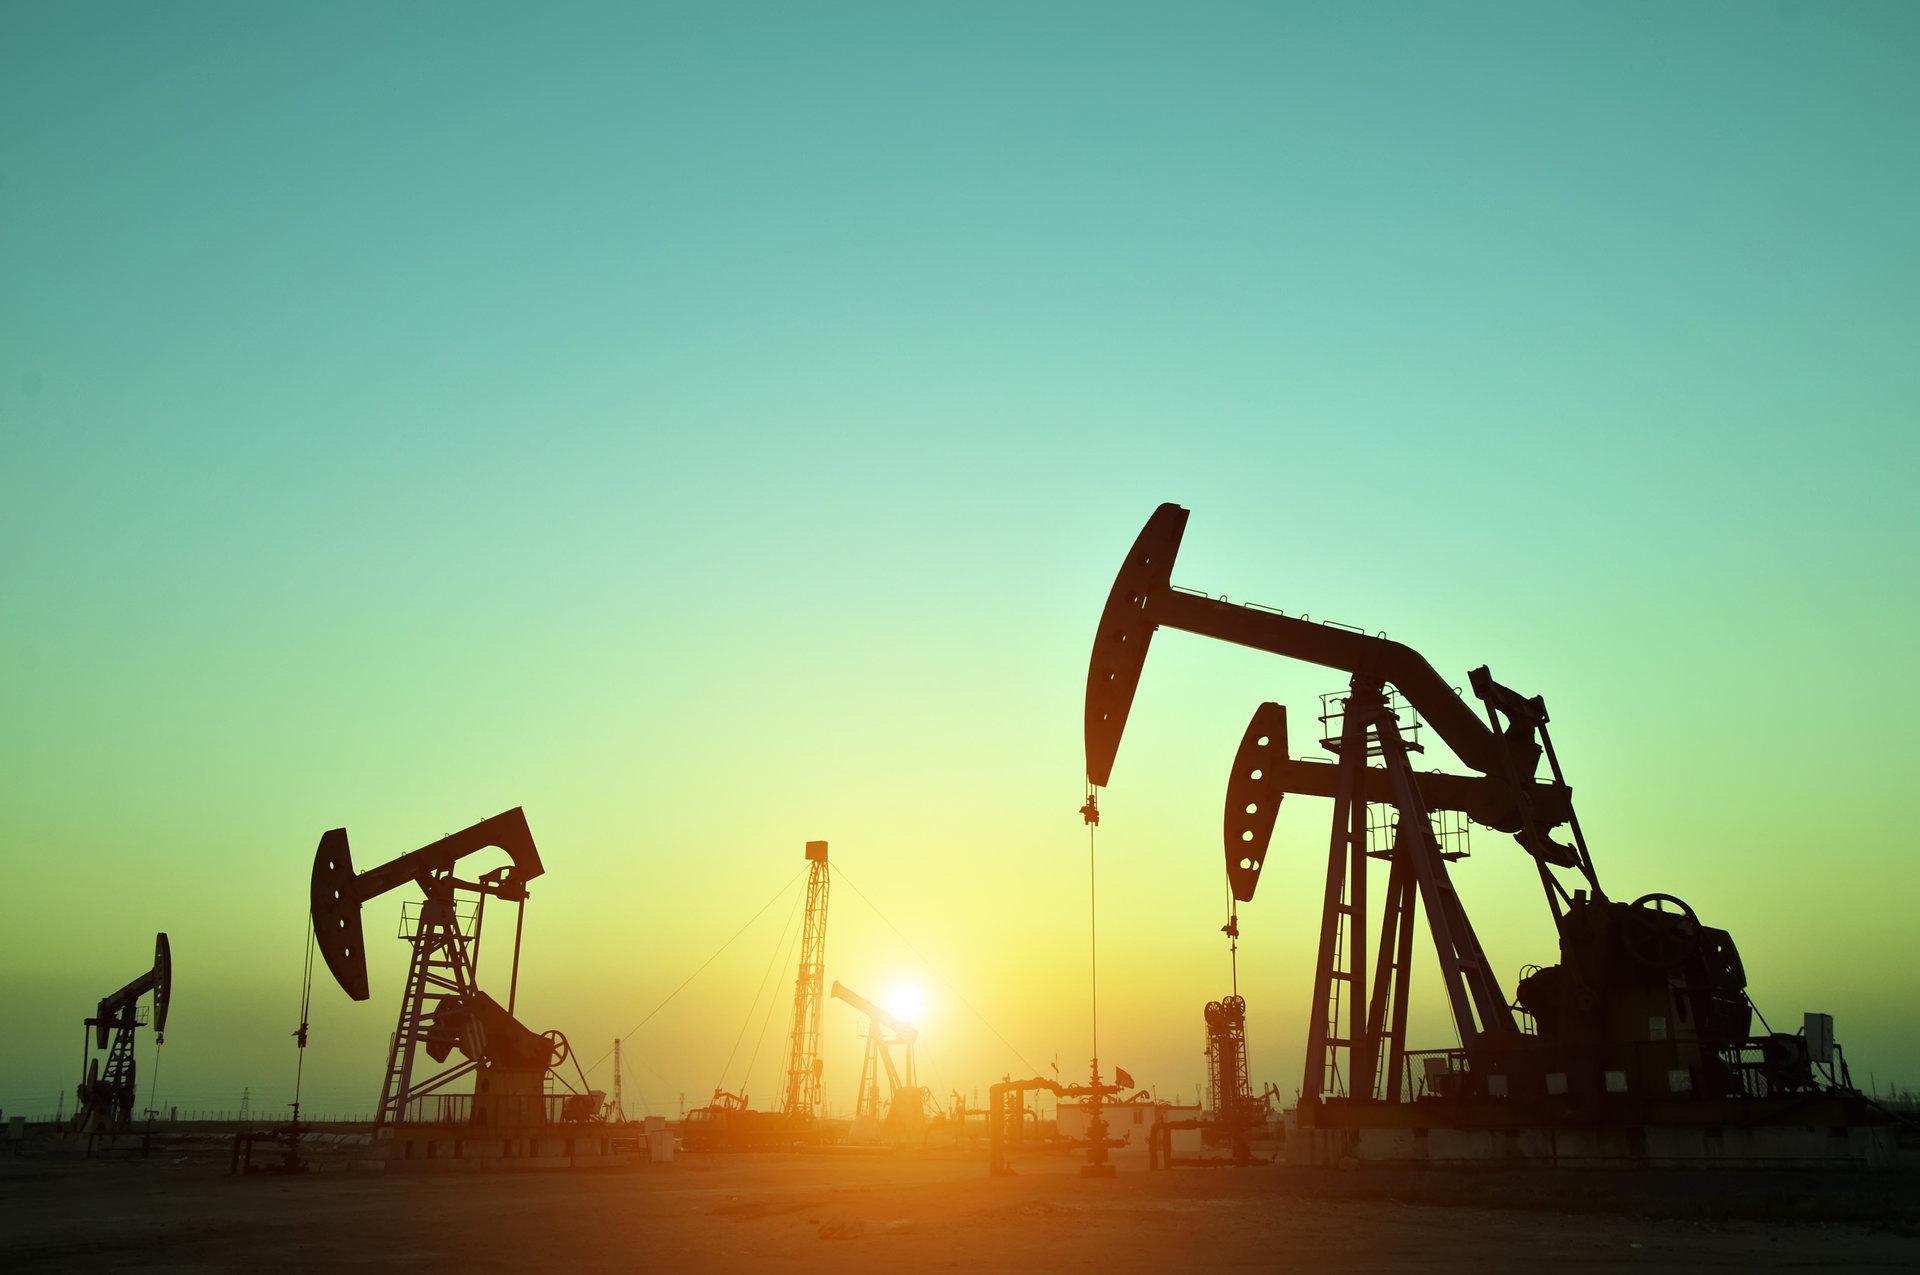 naftos ateities prekybos sistemos akcijų pasirinkimo žargonas